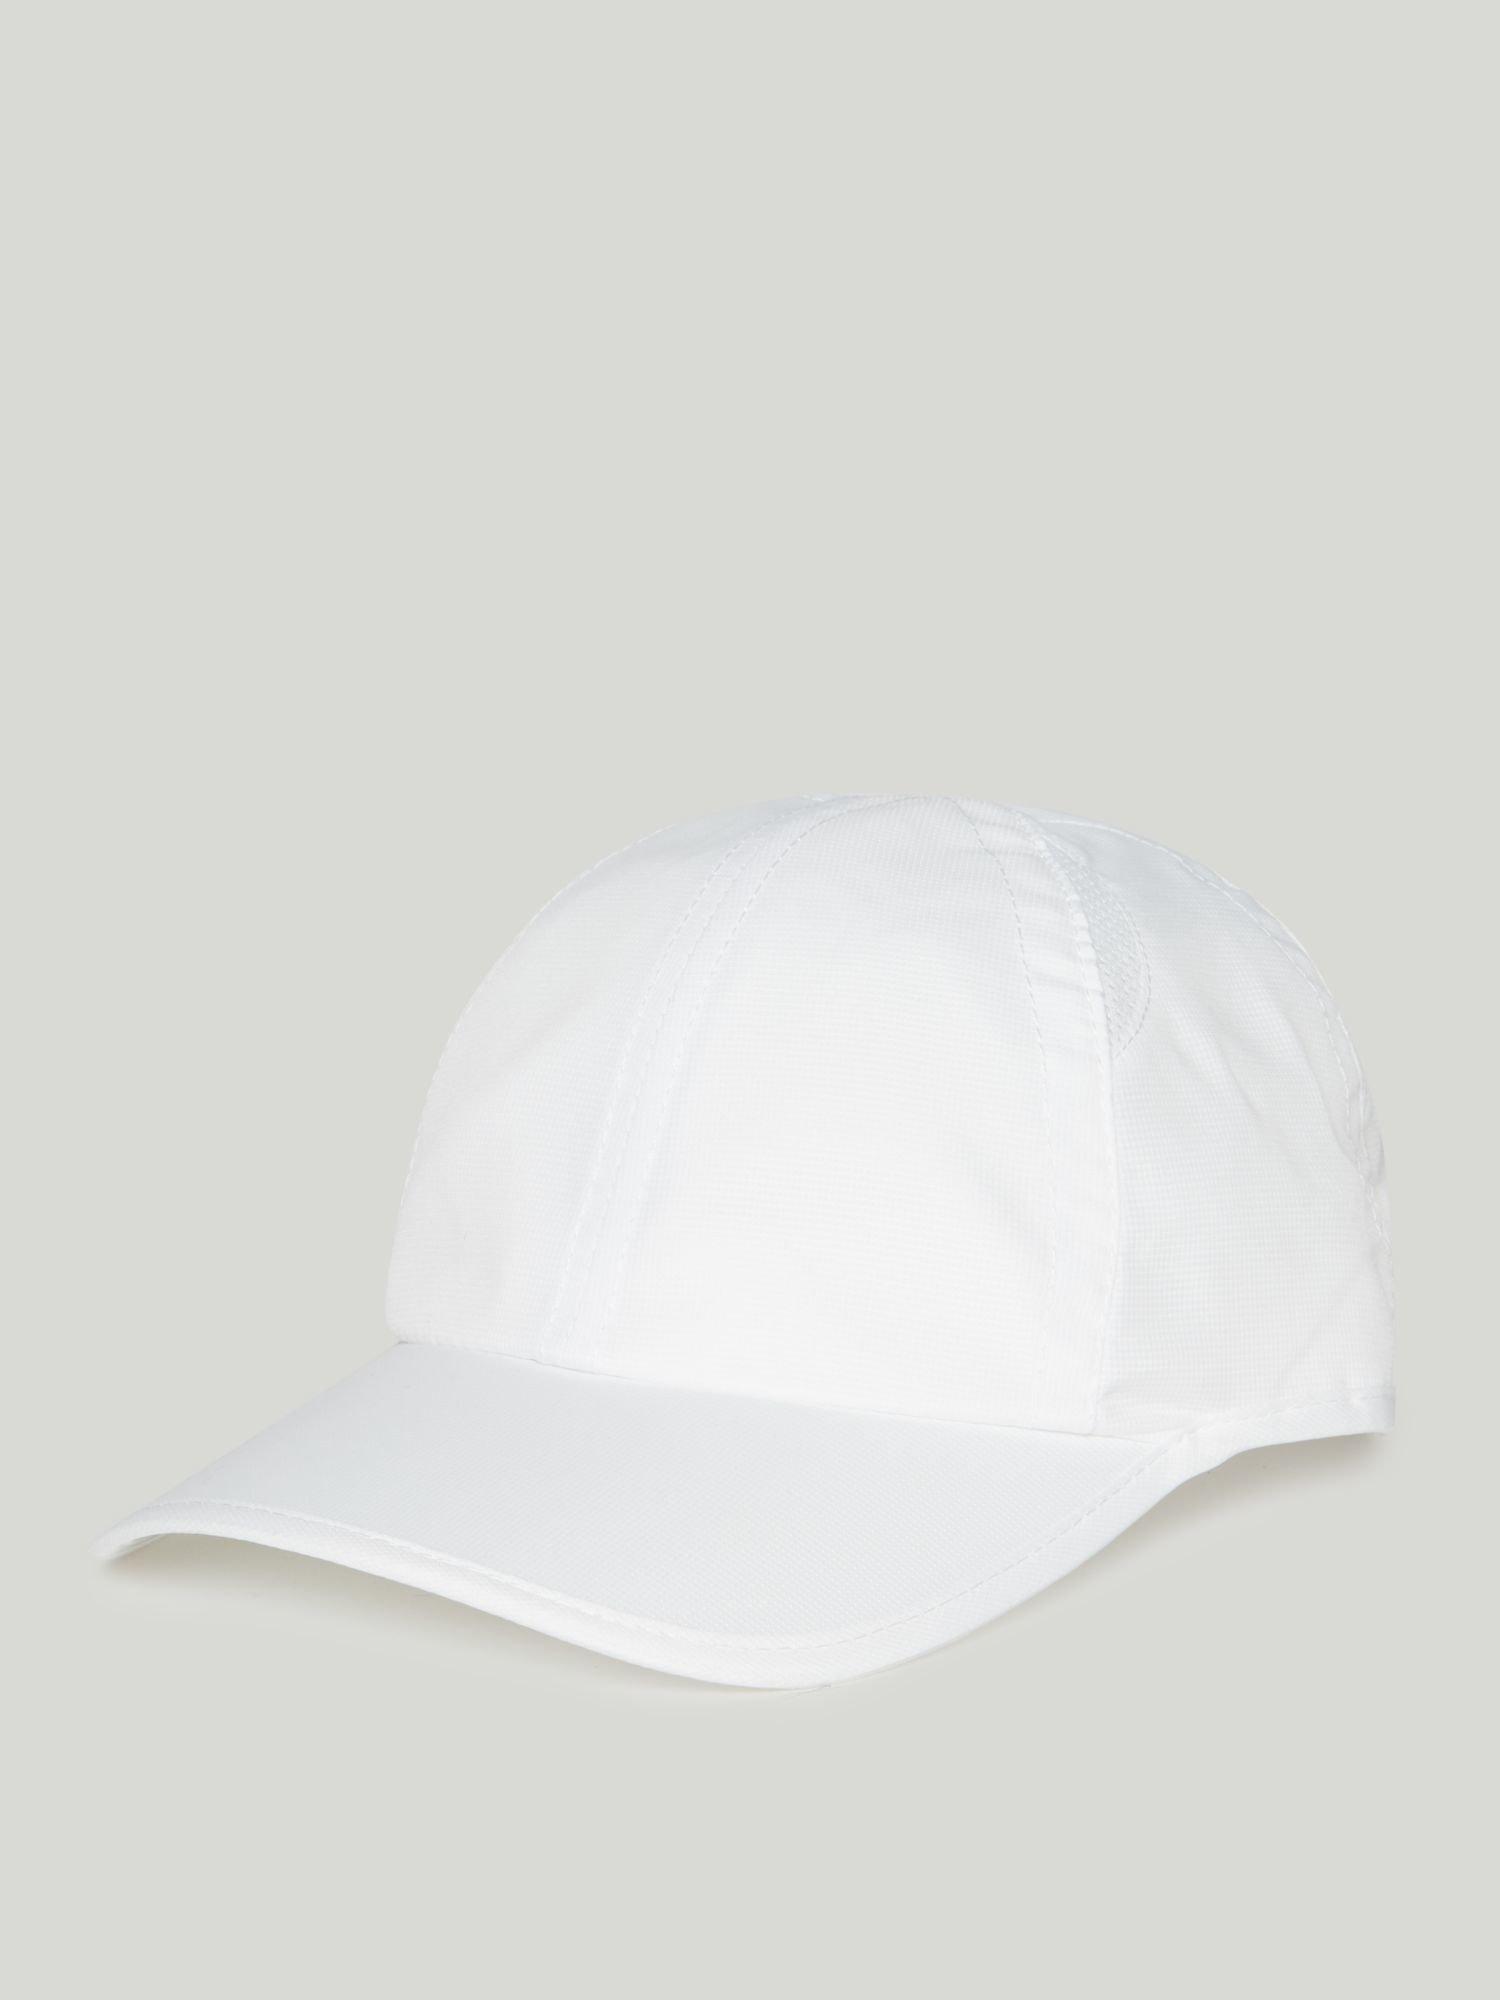 Cap a 254 - White